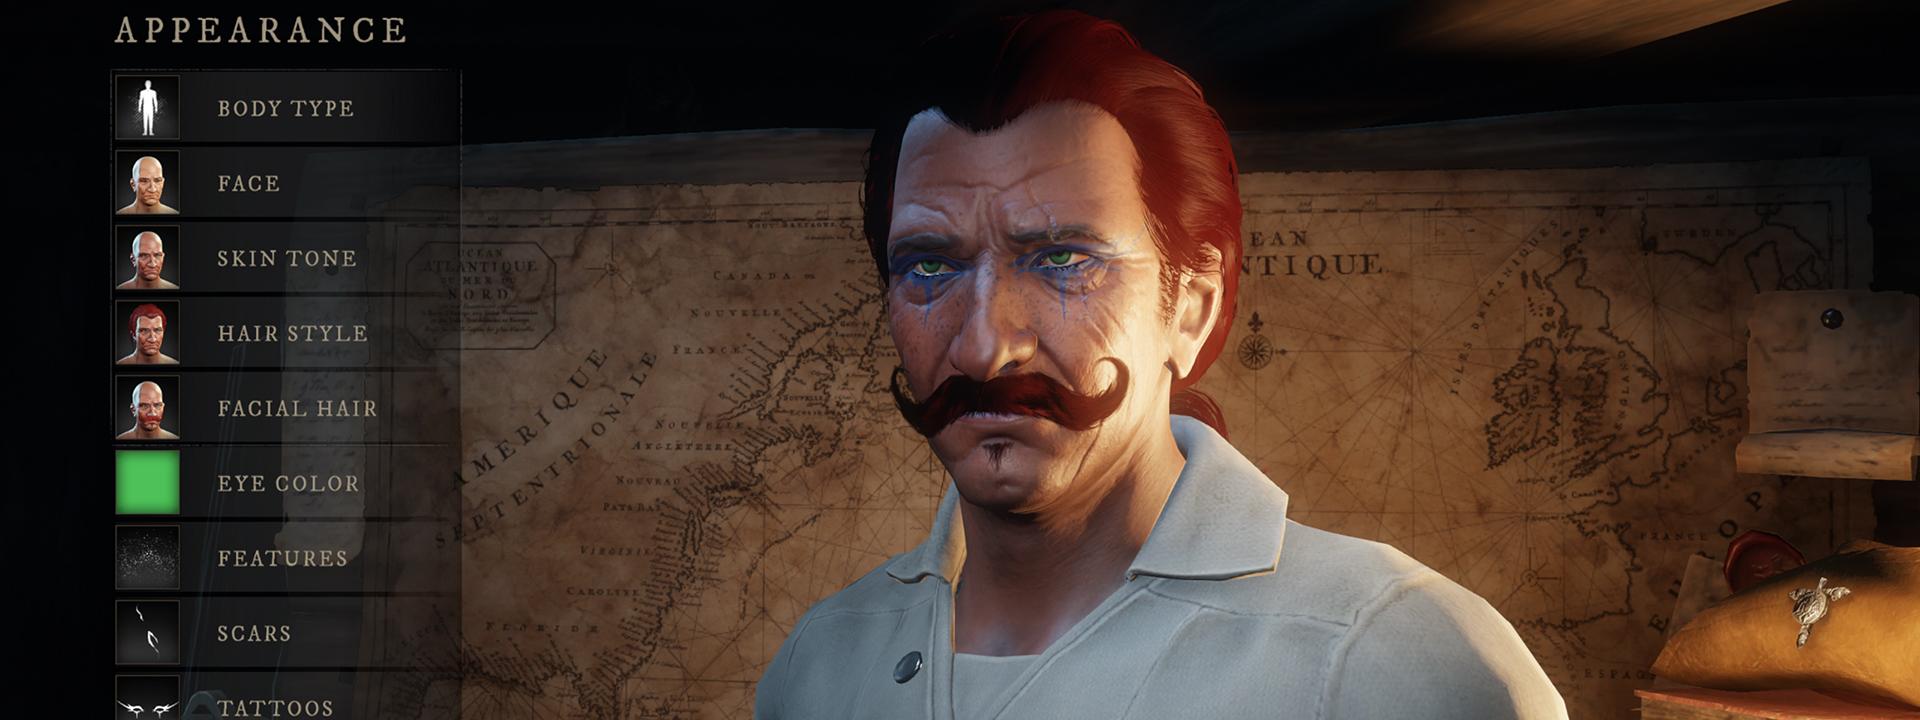 Снимок экрана интерфейса настройки персонажа, на котором изображен человек с темной кожей, синими татуировками под глазами и усами на руле.